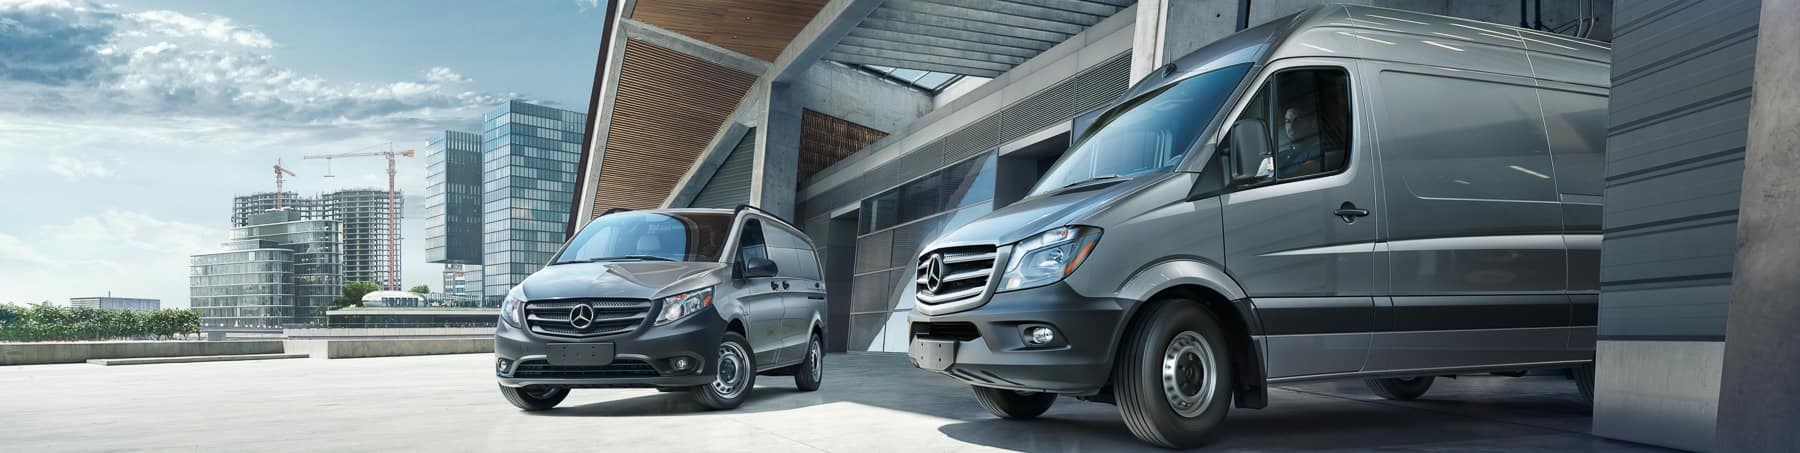 8a06ff40a5 Mercedes-Benz Country Hills